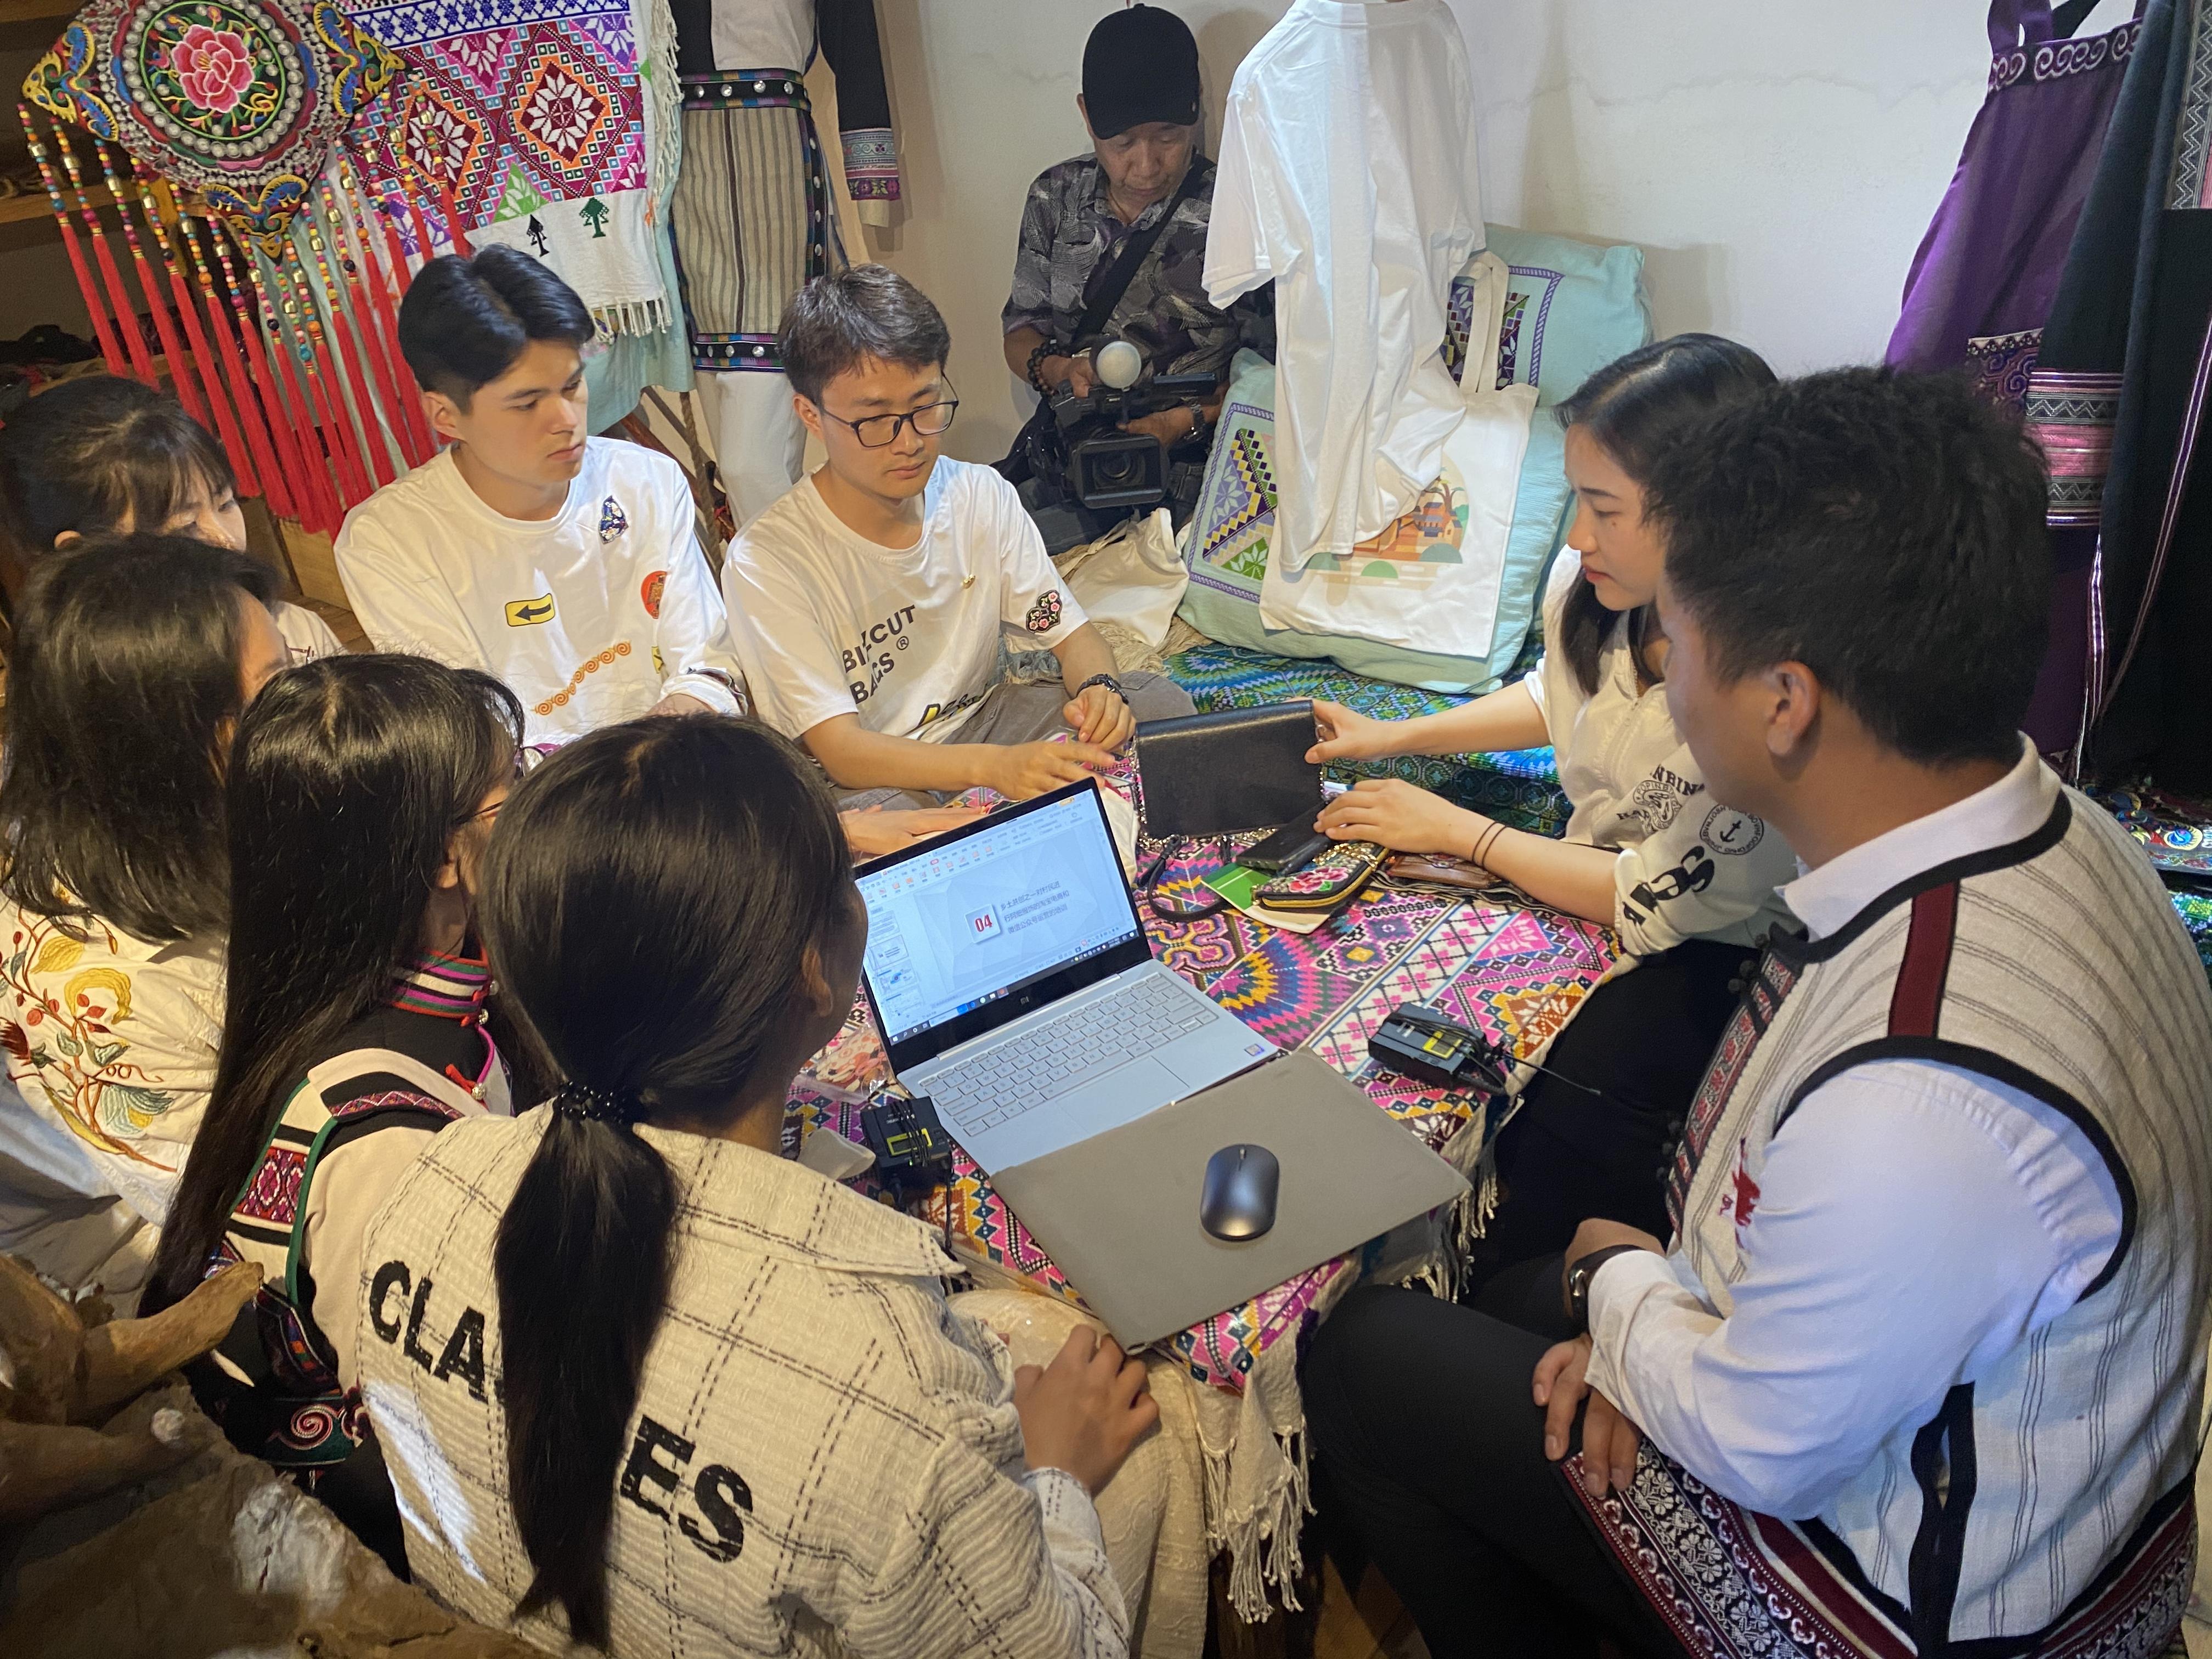 工商管理学院乡土共创营服务型学习活动在 可邑小镇顺利开展